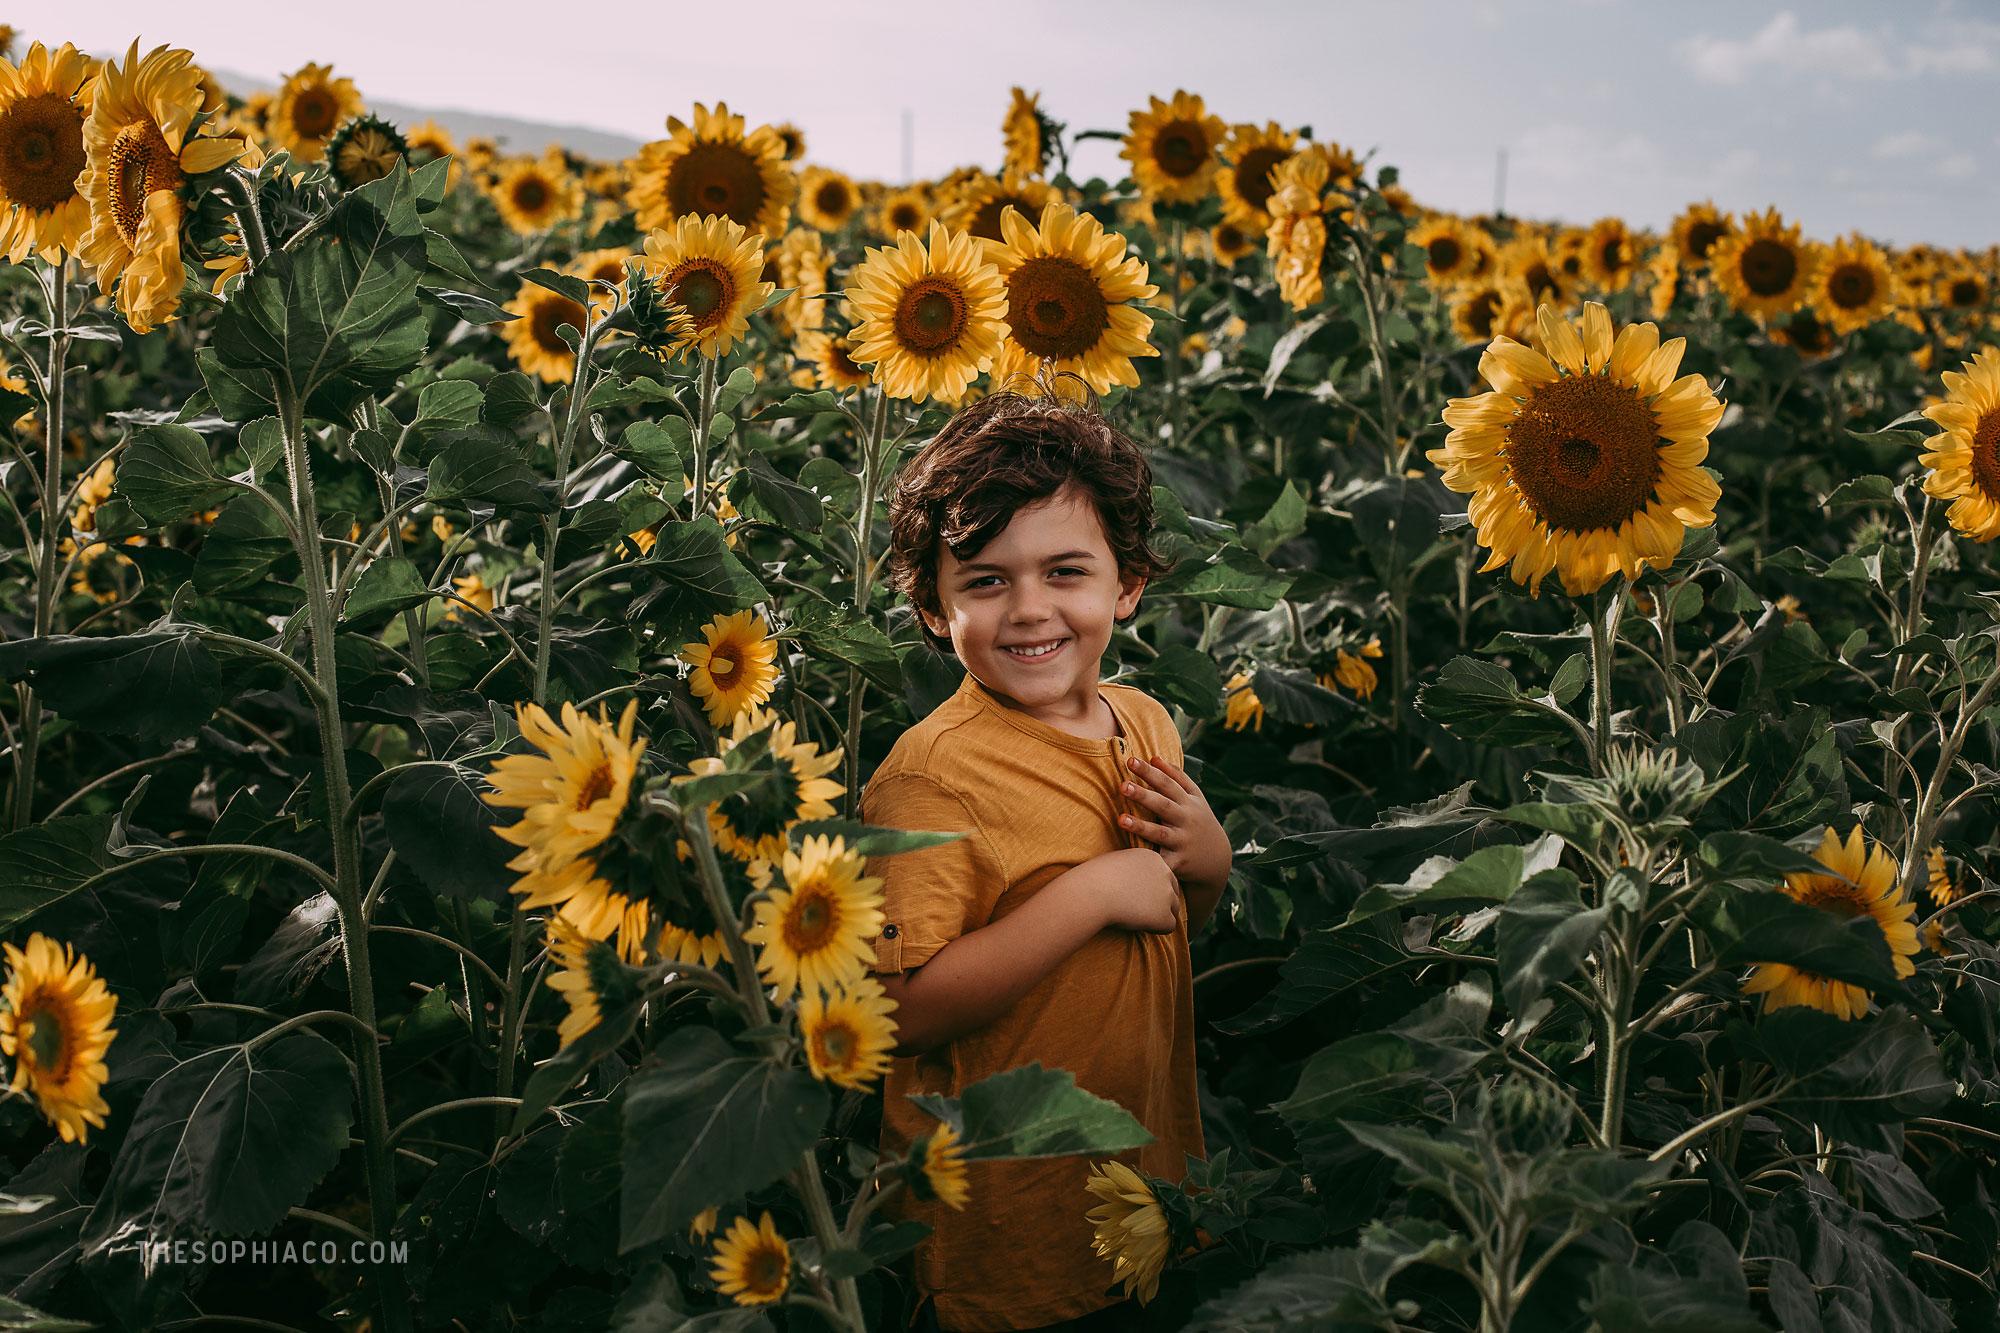 waialua-sunflowers-oahu-family-photography-07.jpg